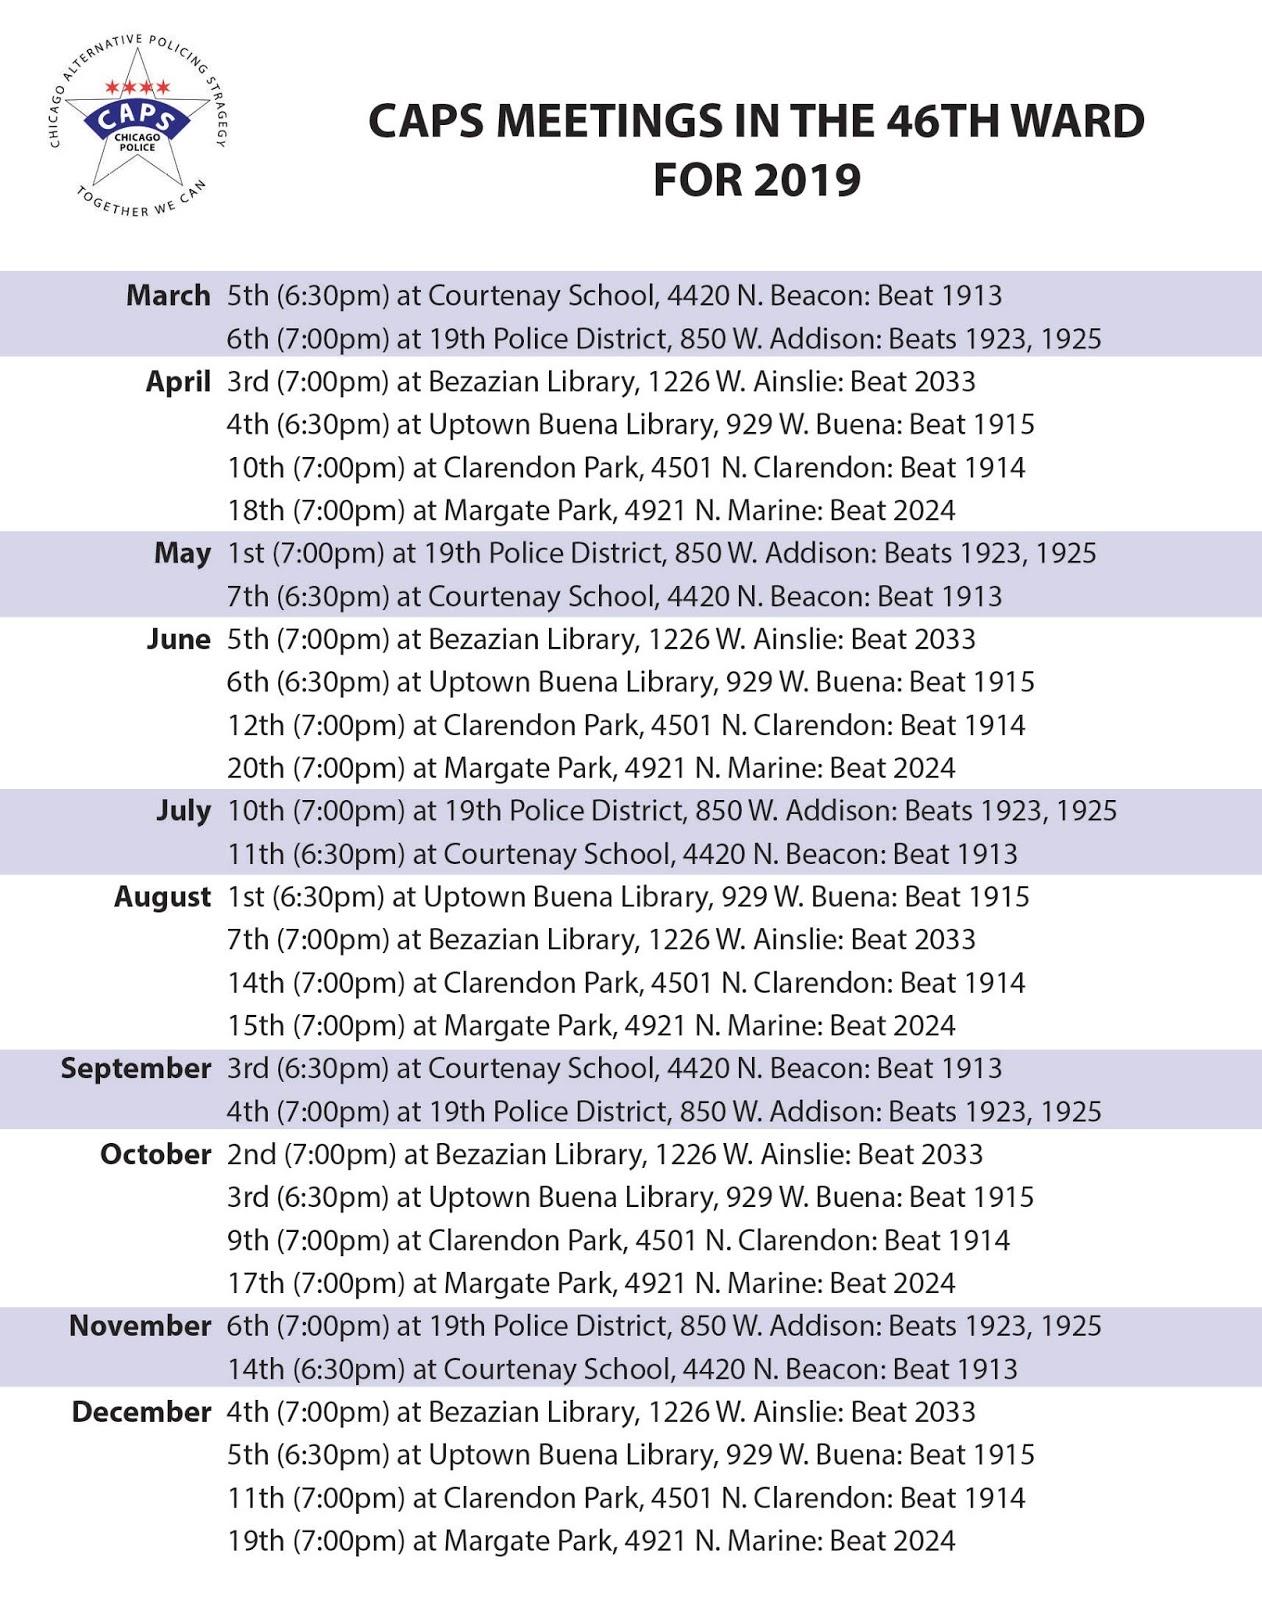 2019 Alds Schedule Uptown Update: 2019 Schedule of CAPS Meetings